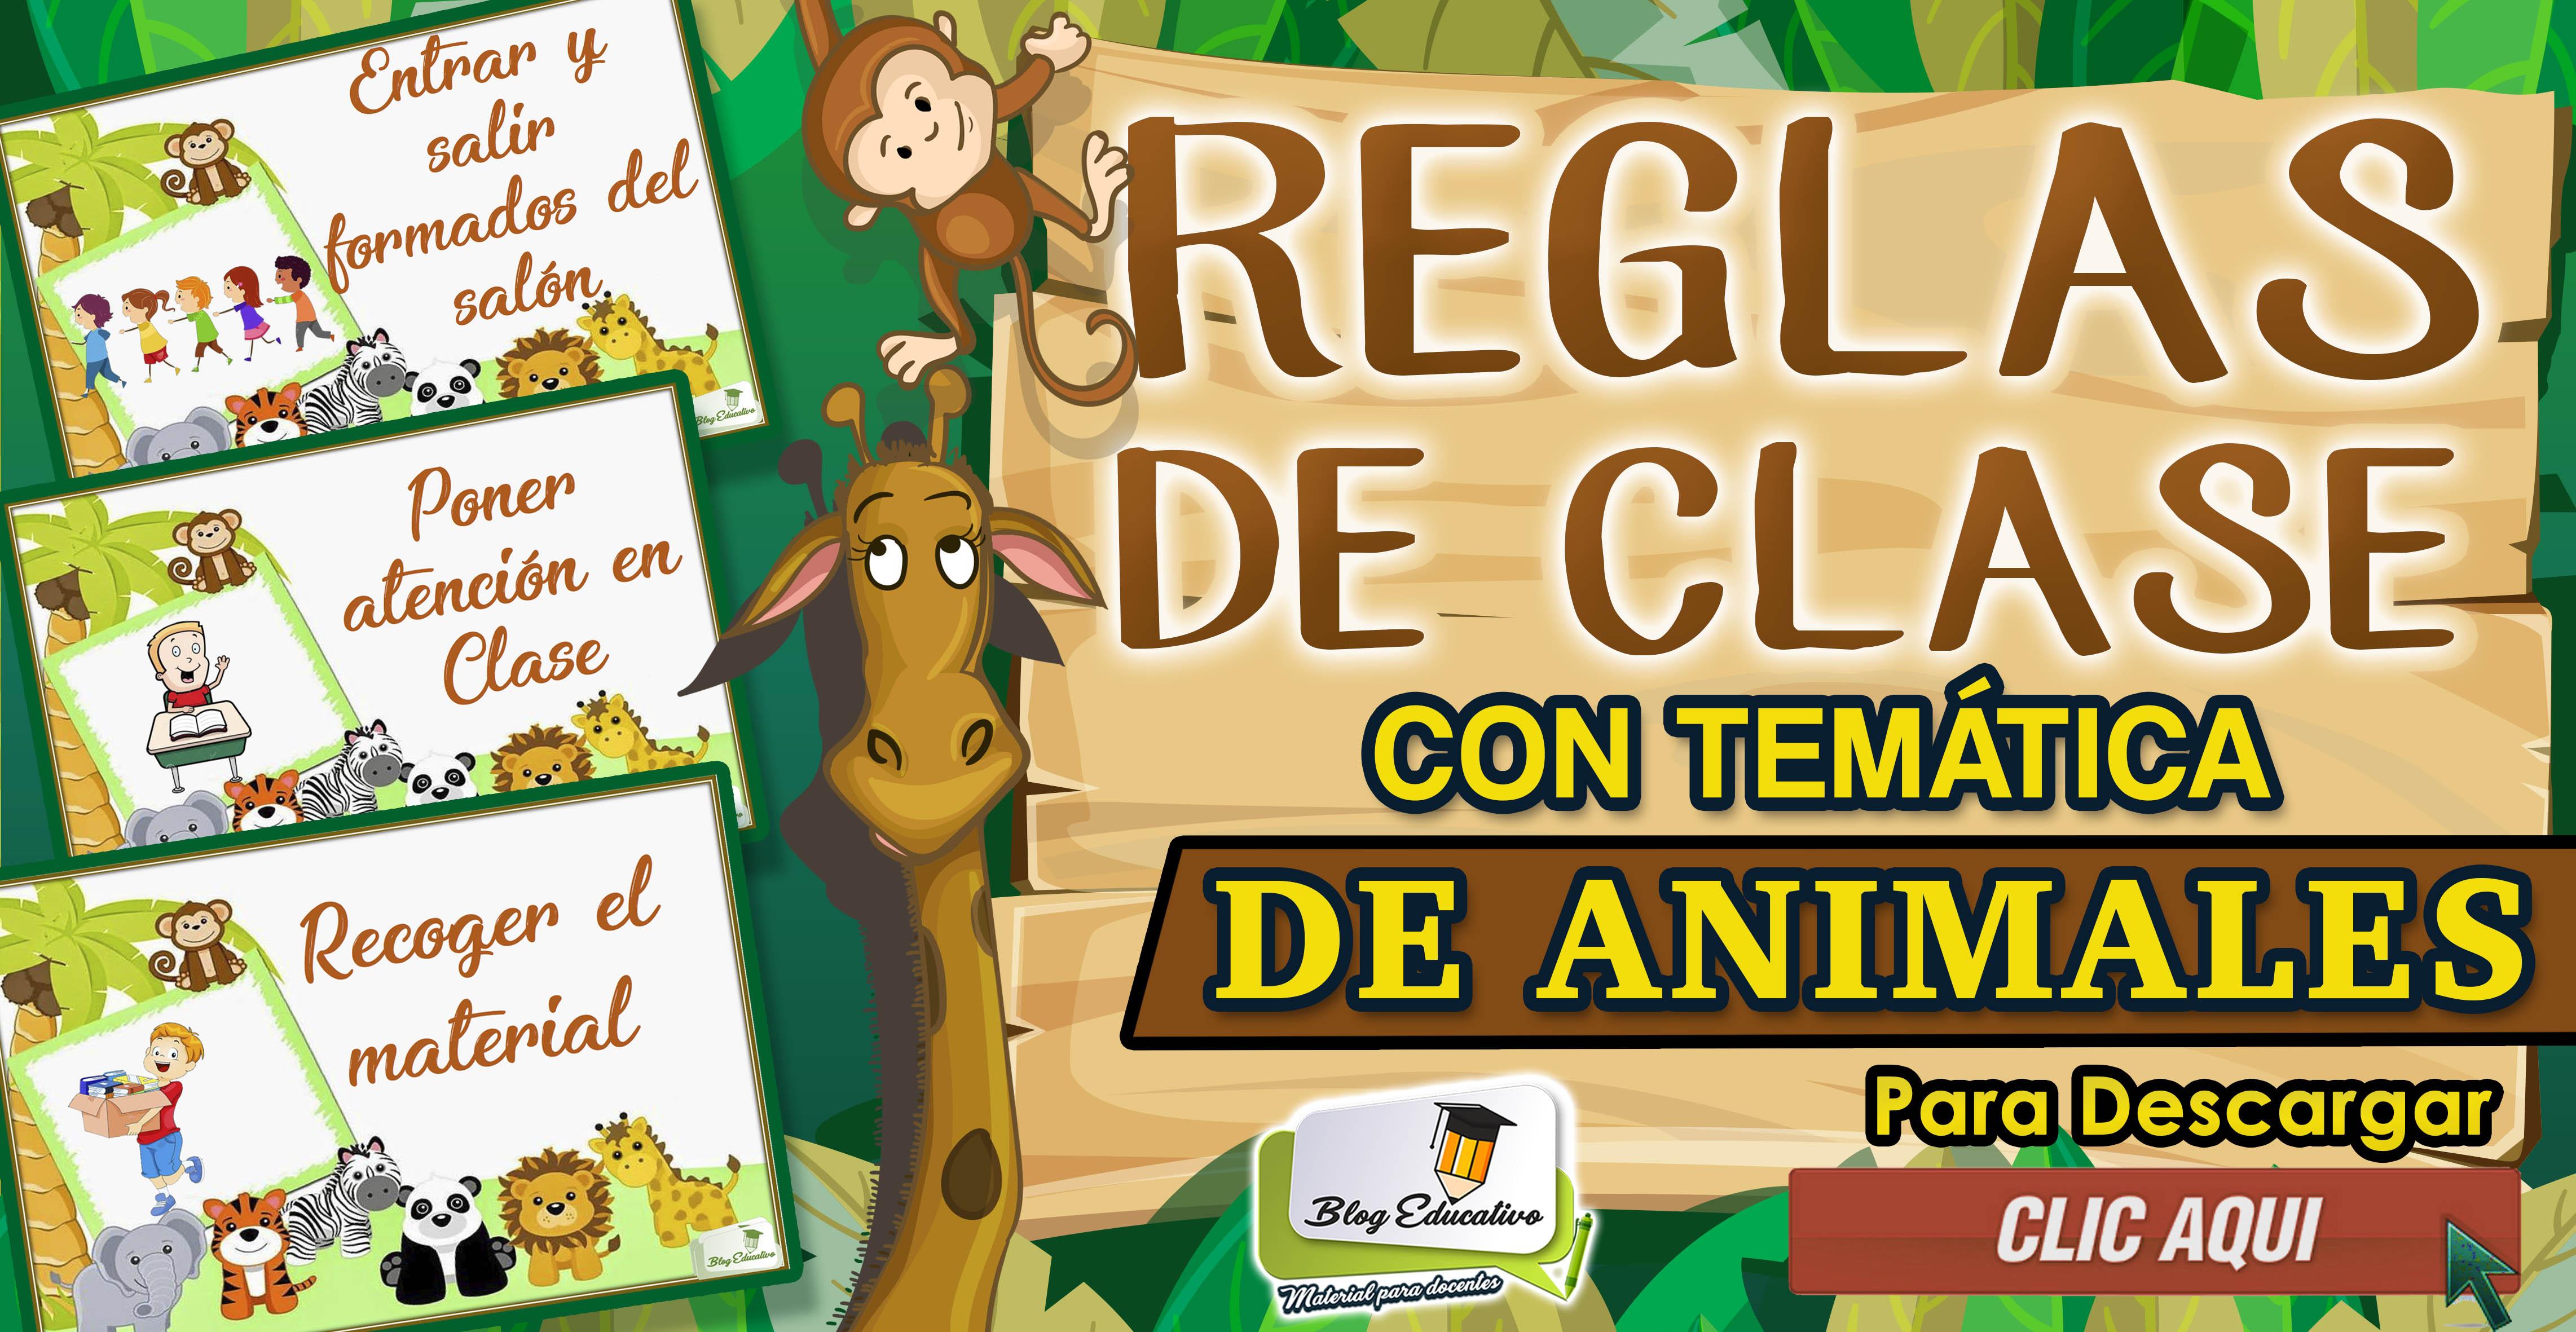 Reglas de clase con temática de animales - Blog Educativo